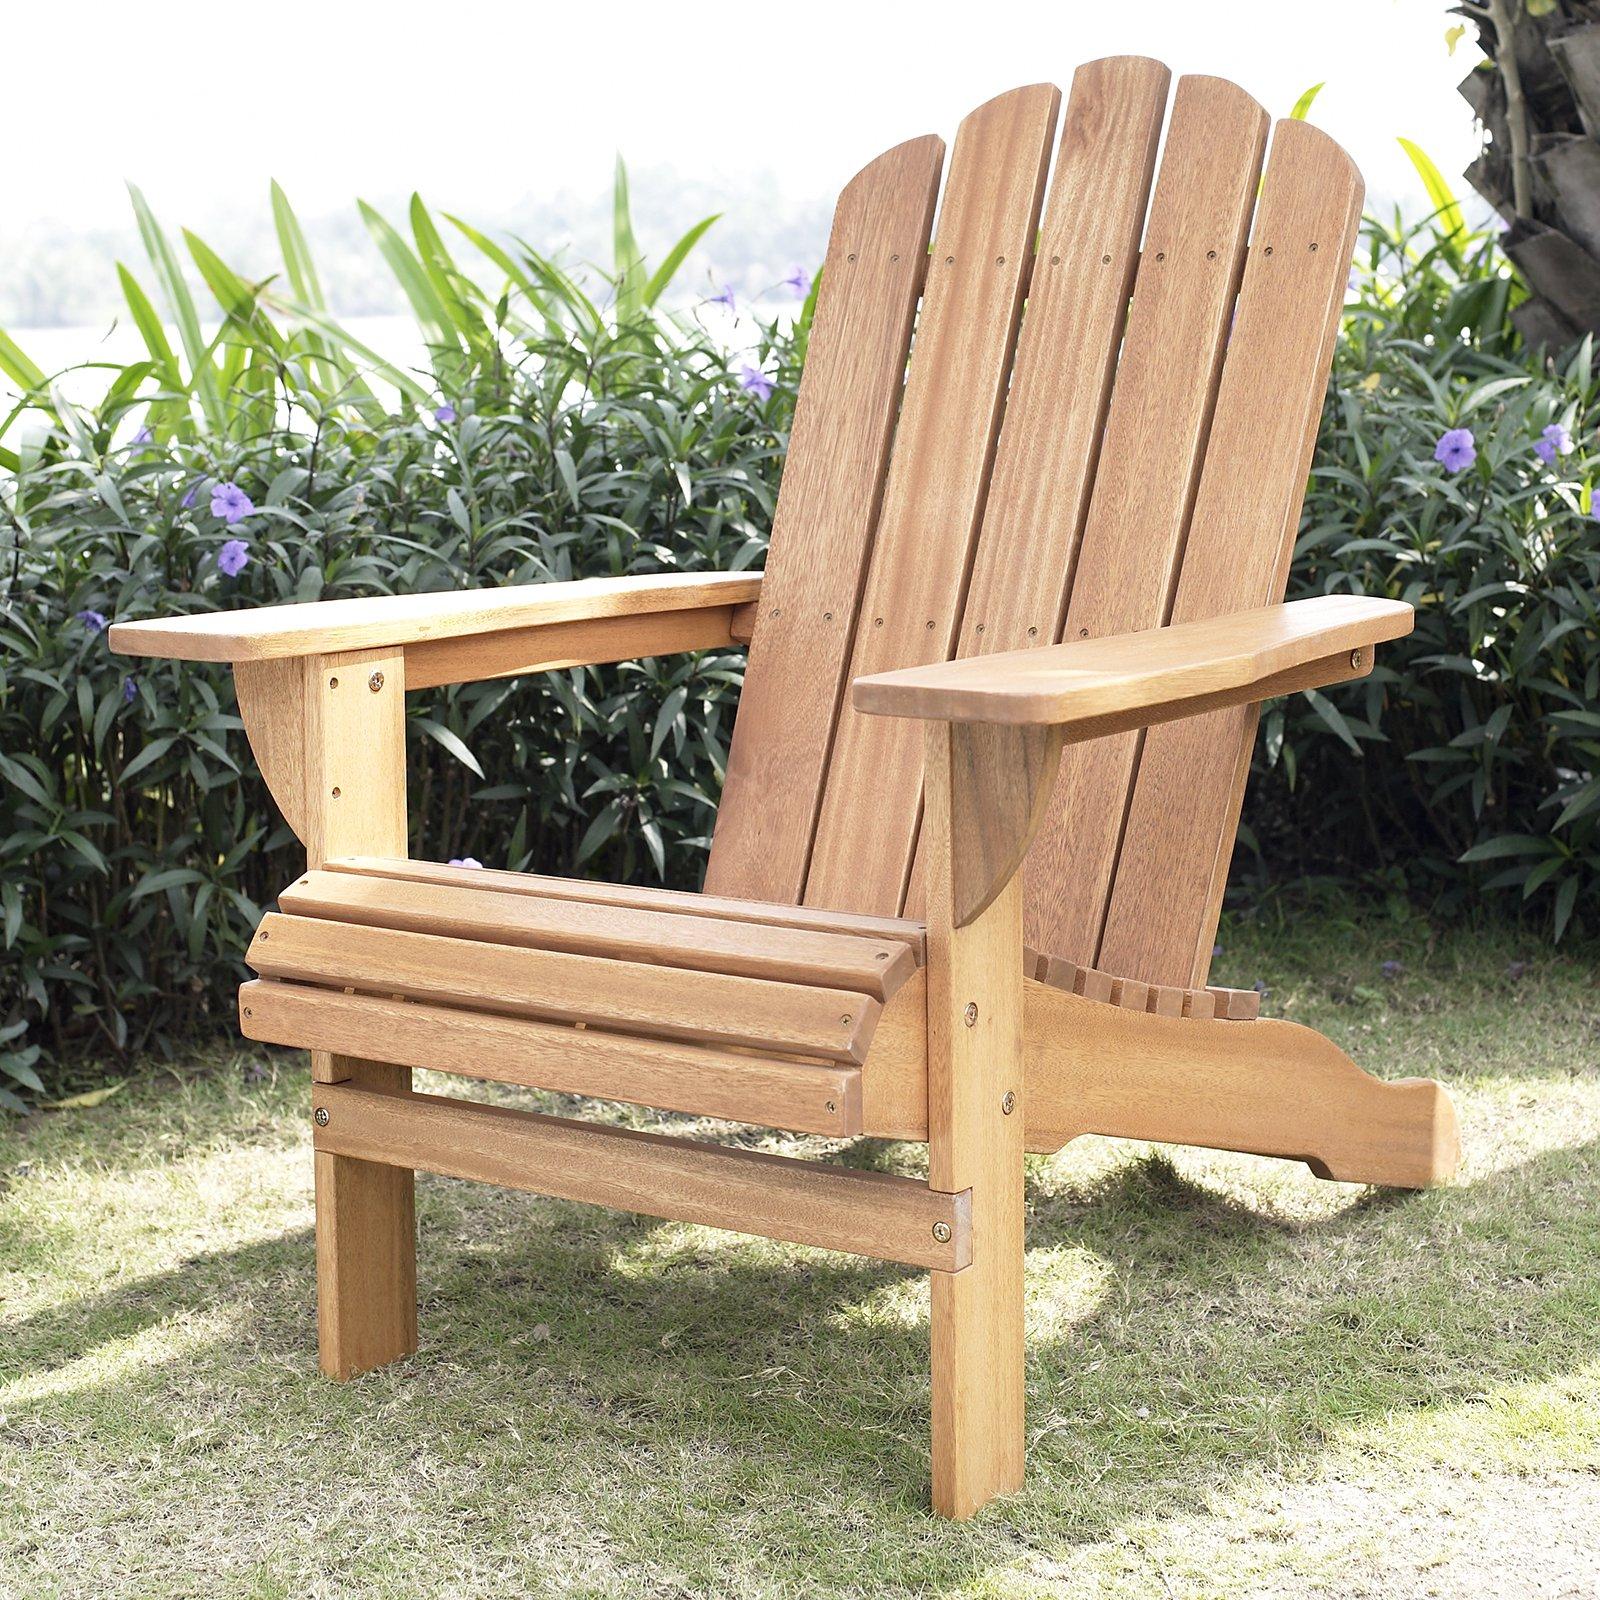 adirondack chairs belham living shoreline adirondack chair - natural - walmart.com WJCMYTT